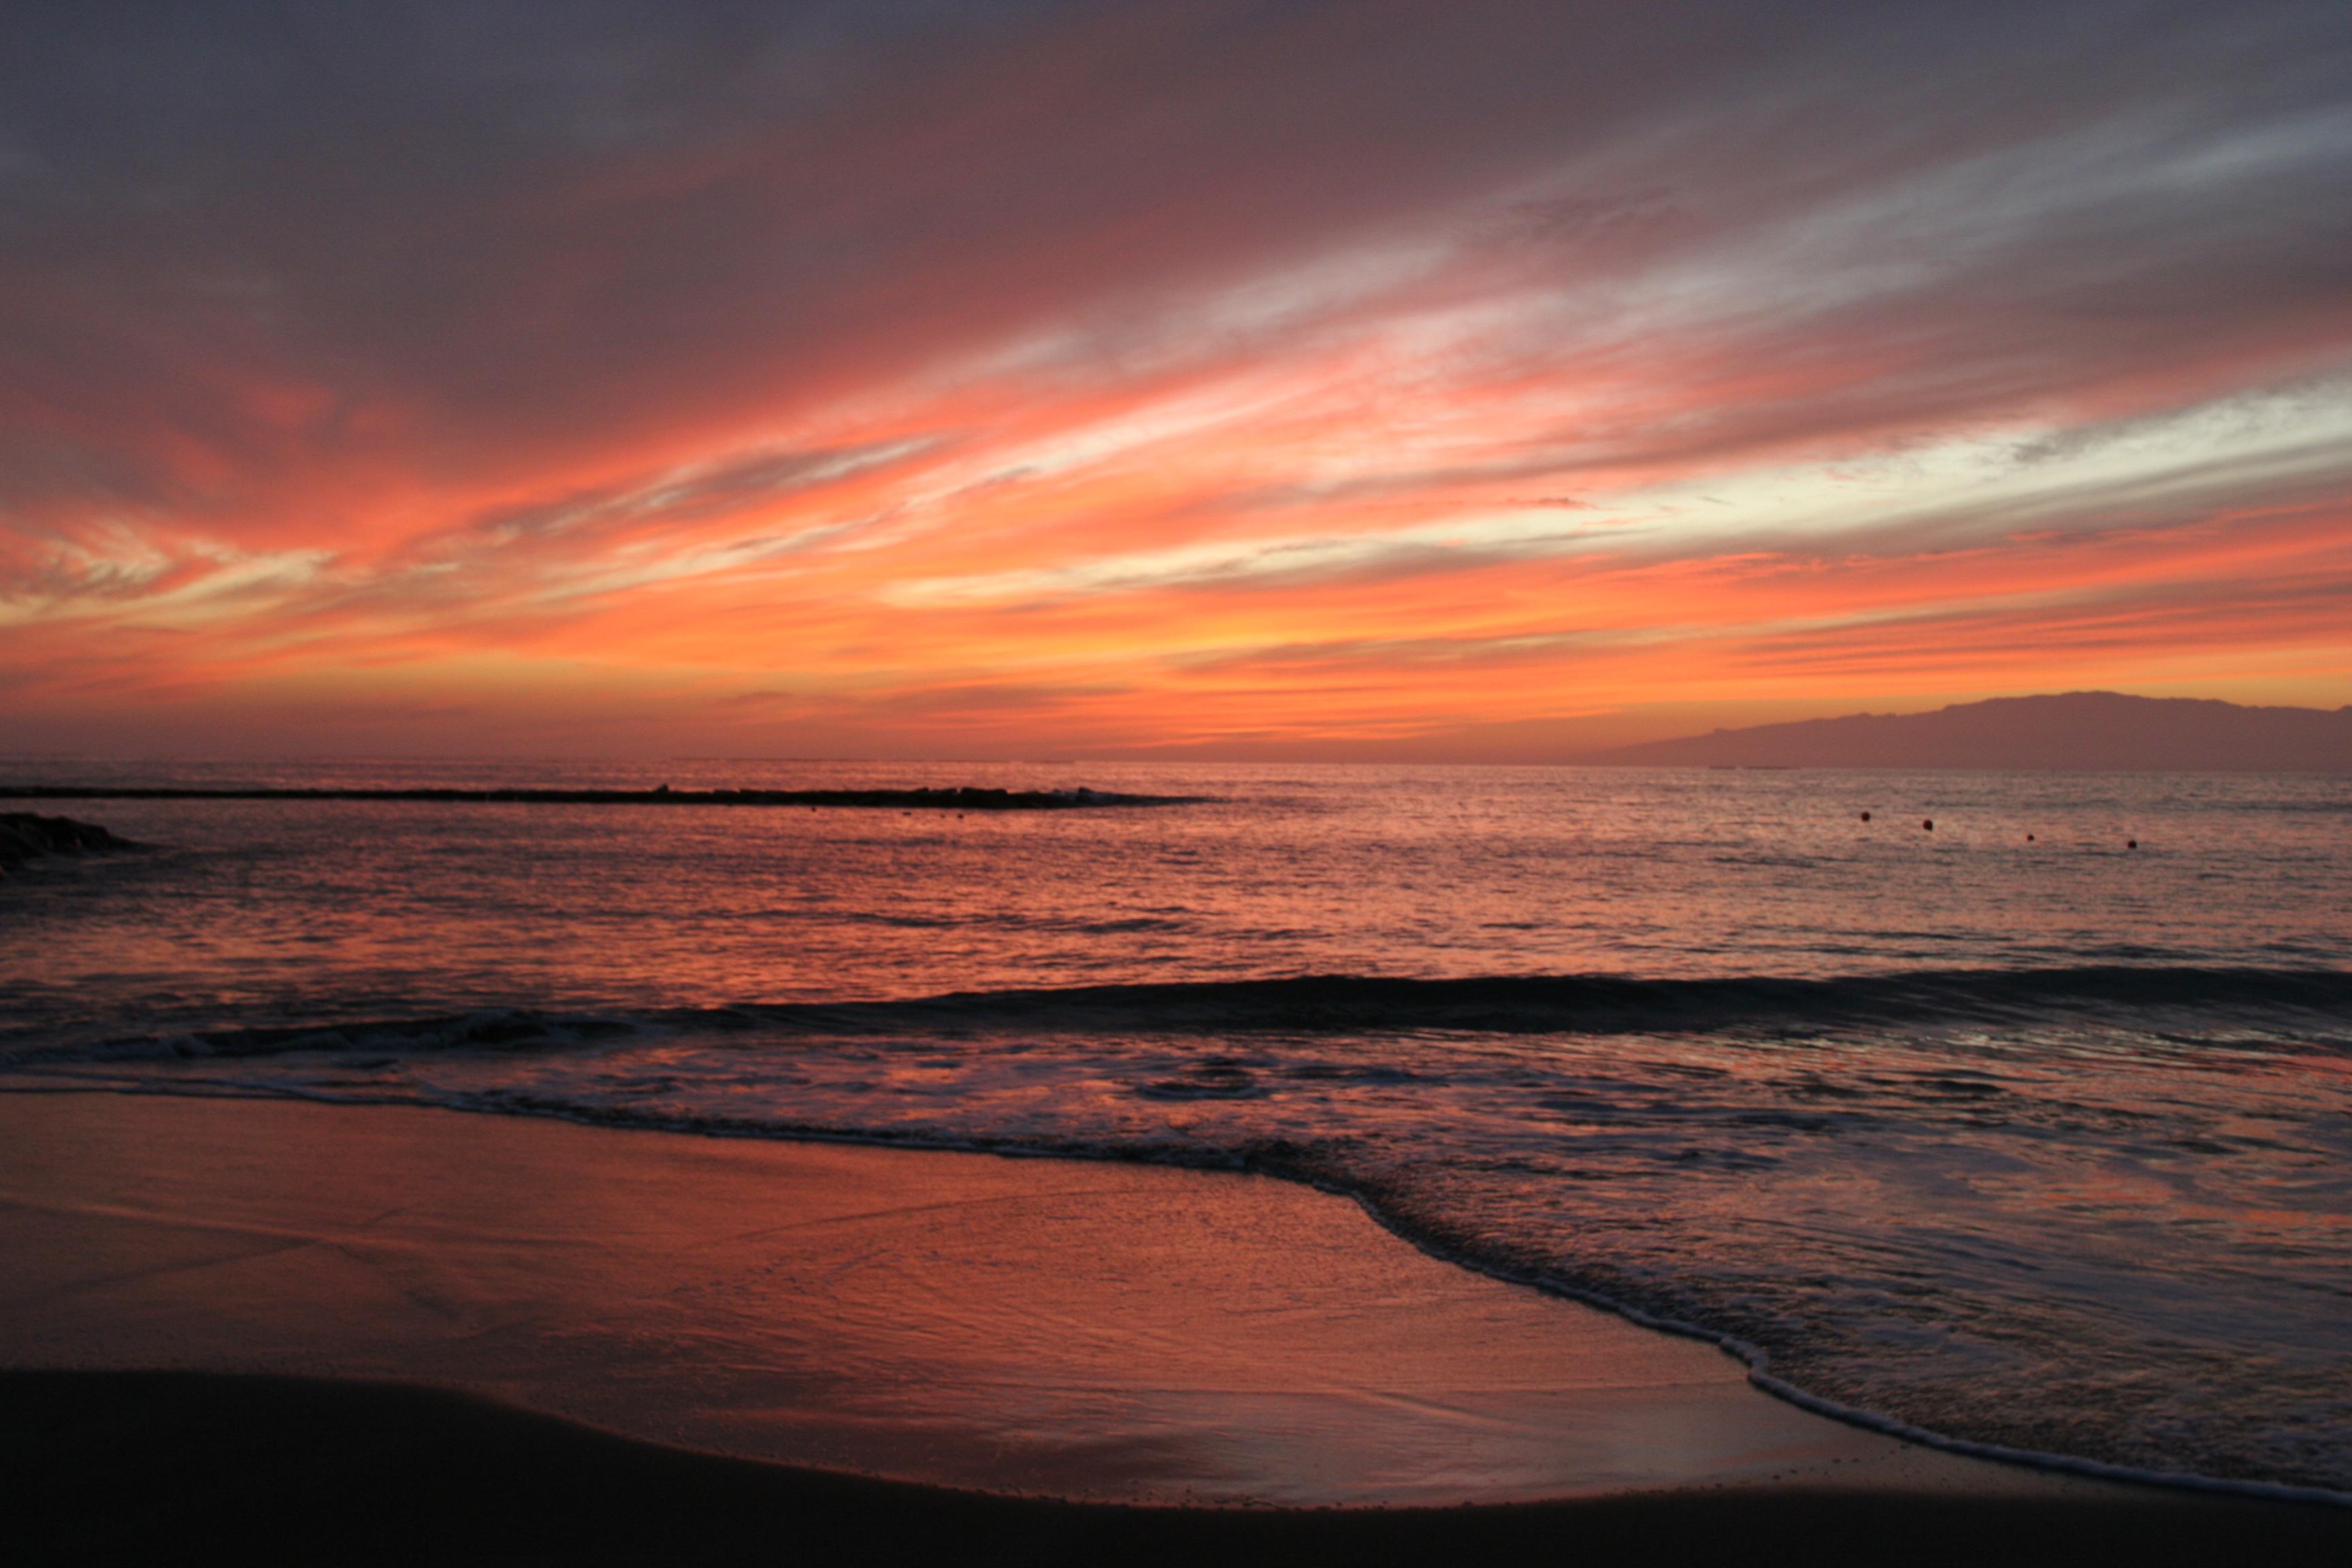 File:Fanabe beach sunset.jpg - Wikimedia Commons